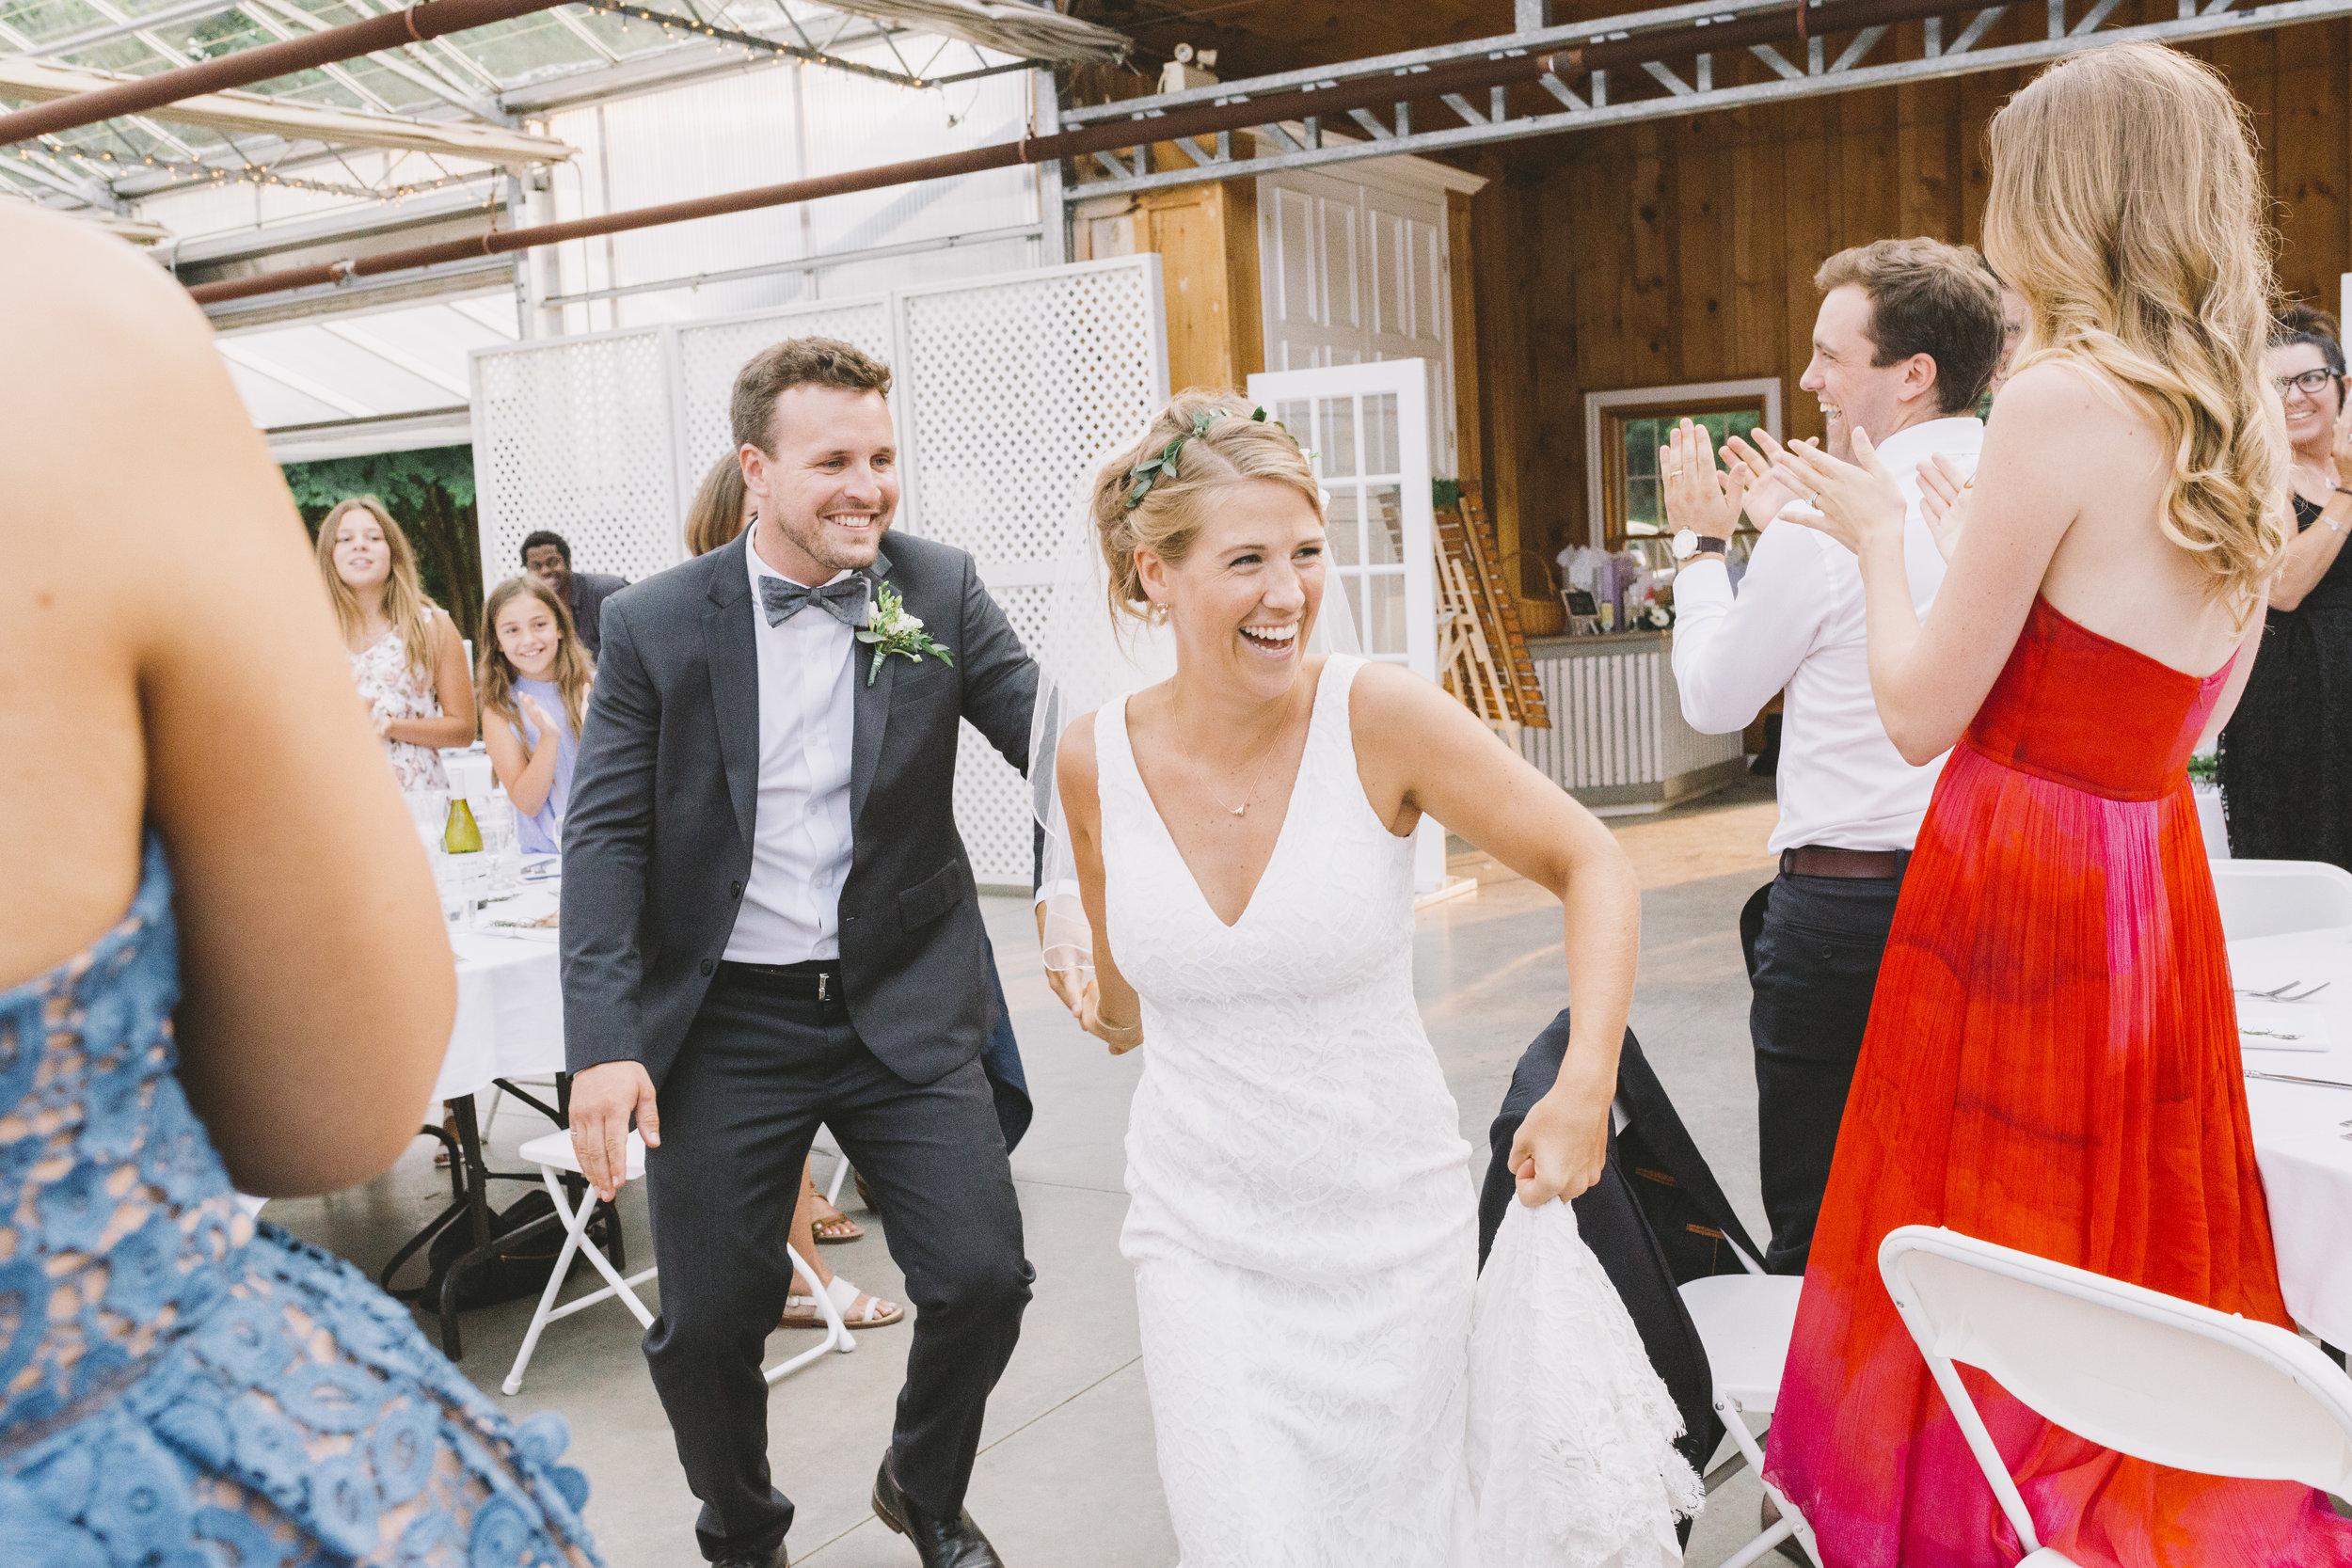 Wedding Reception at Drysdale's Tree Farm